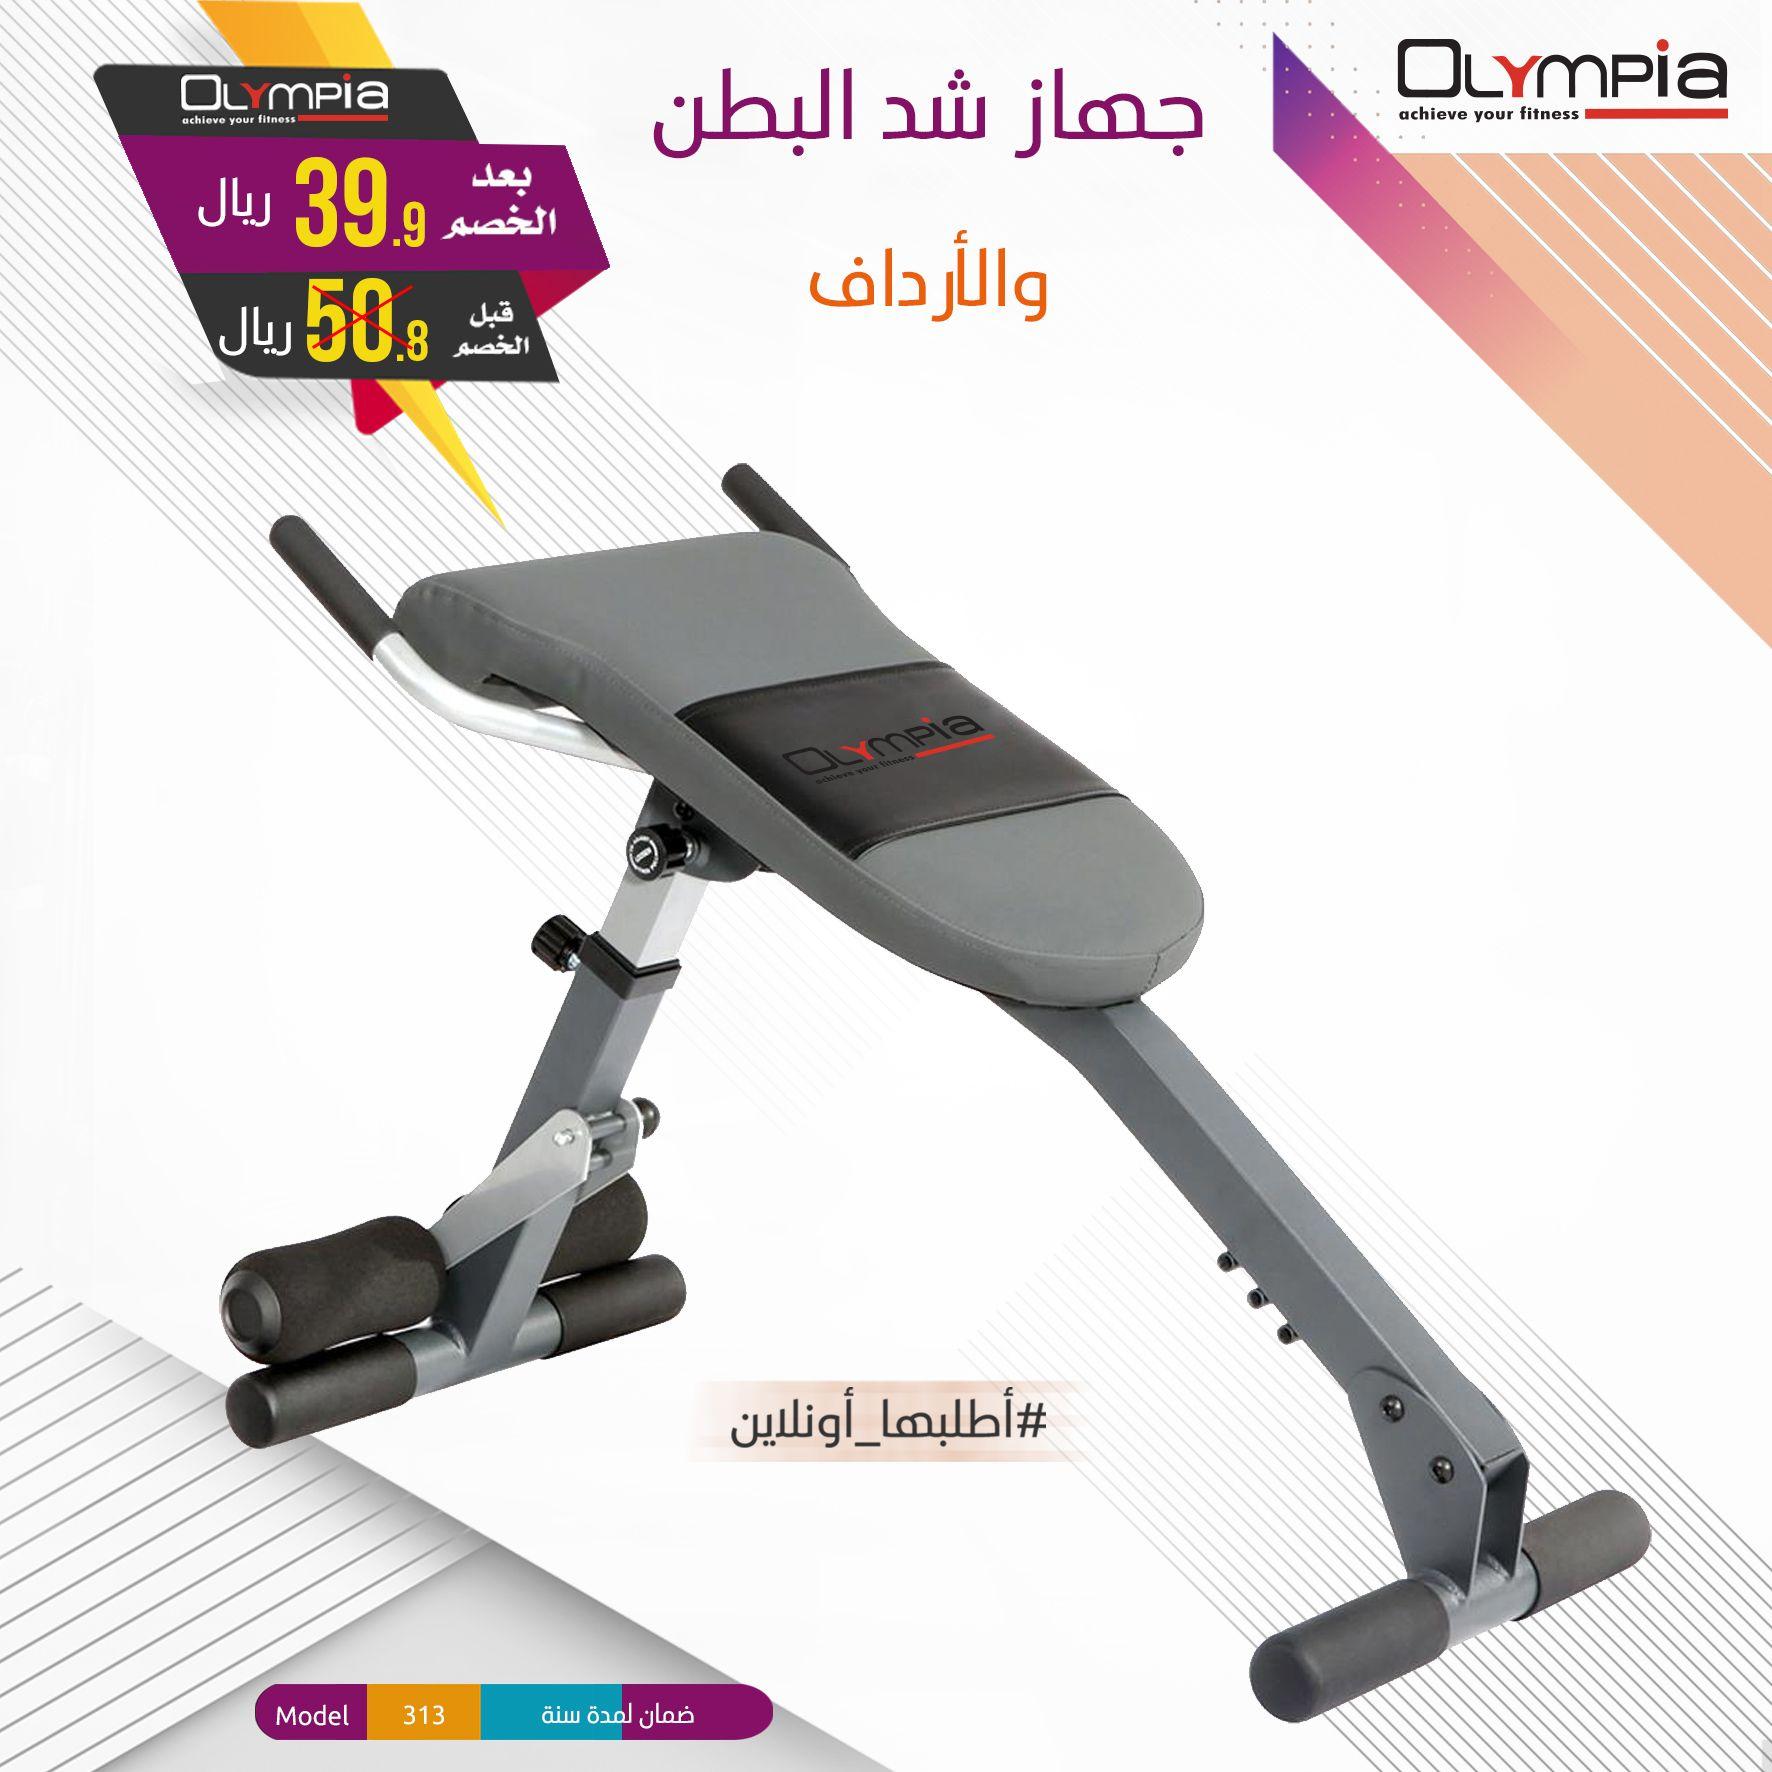 أفضل الأجهزة الرياضية بأعلى المواصفات العالمية من الومبيا تمرينك في البيت ما عليك إلا الطلب وعلينا التوصيل وين ما ت Hair Dryer Sultanate Of Oman Personal Care